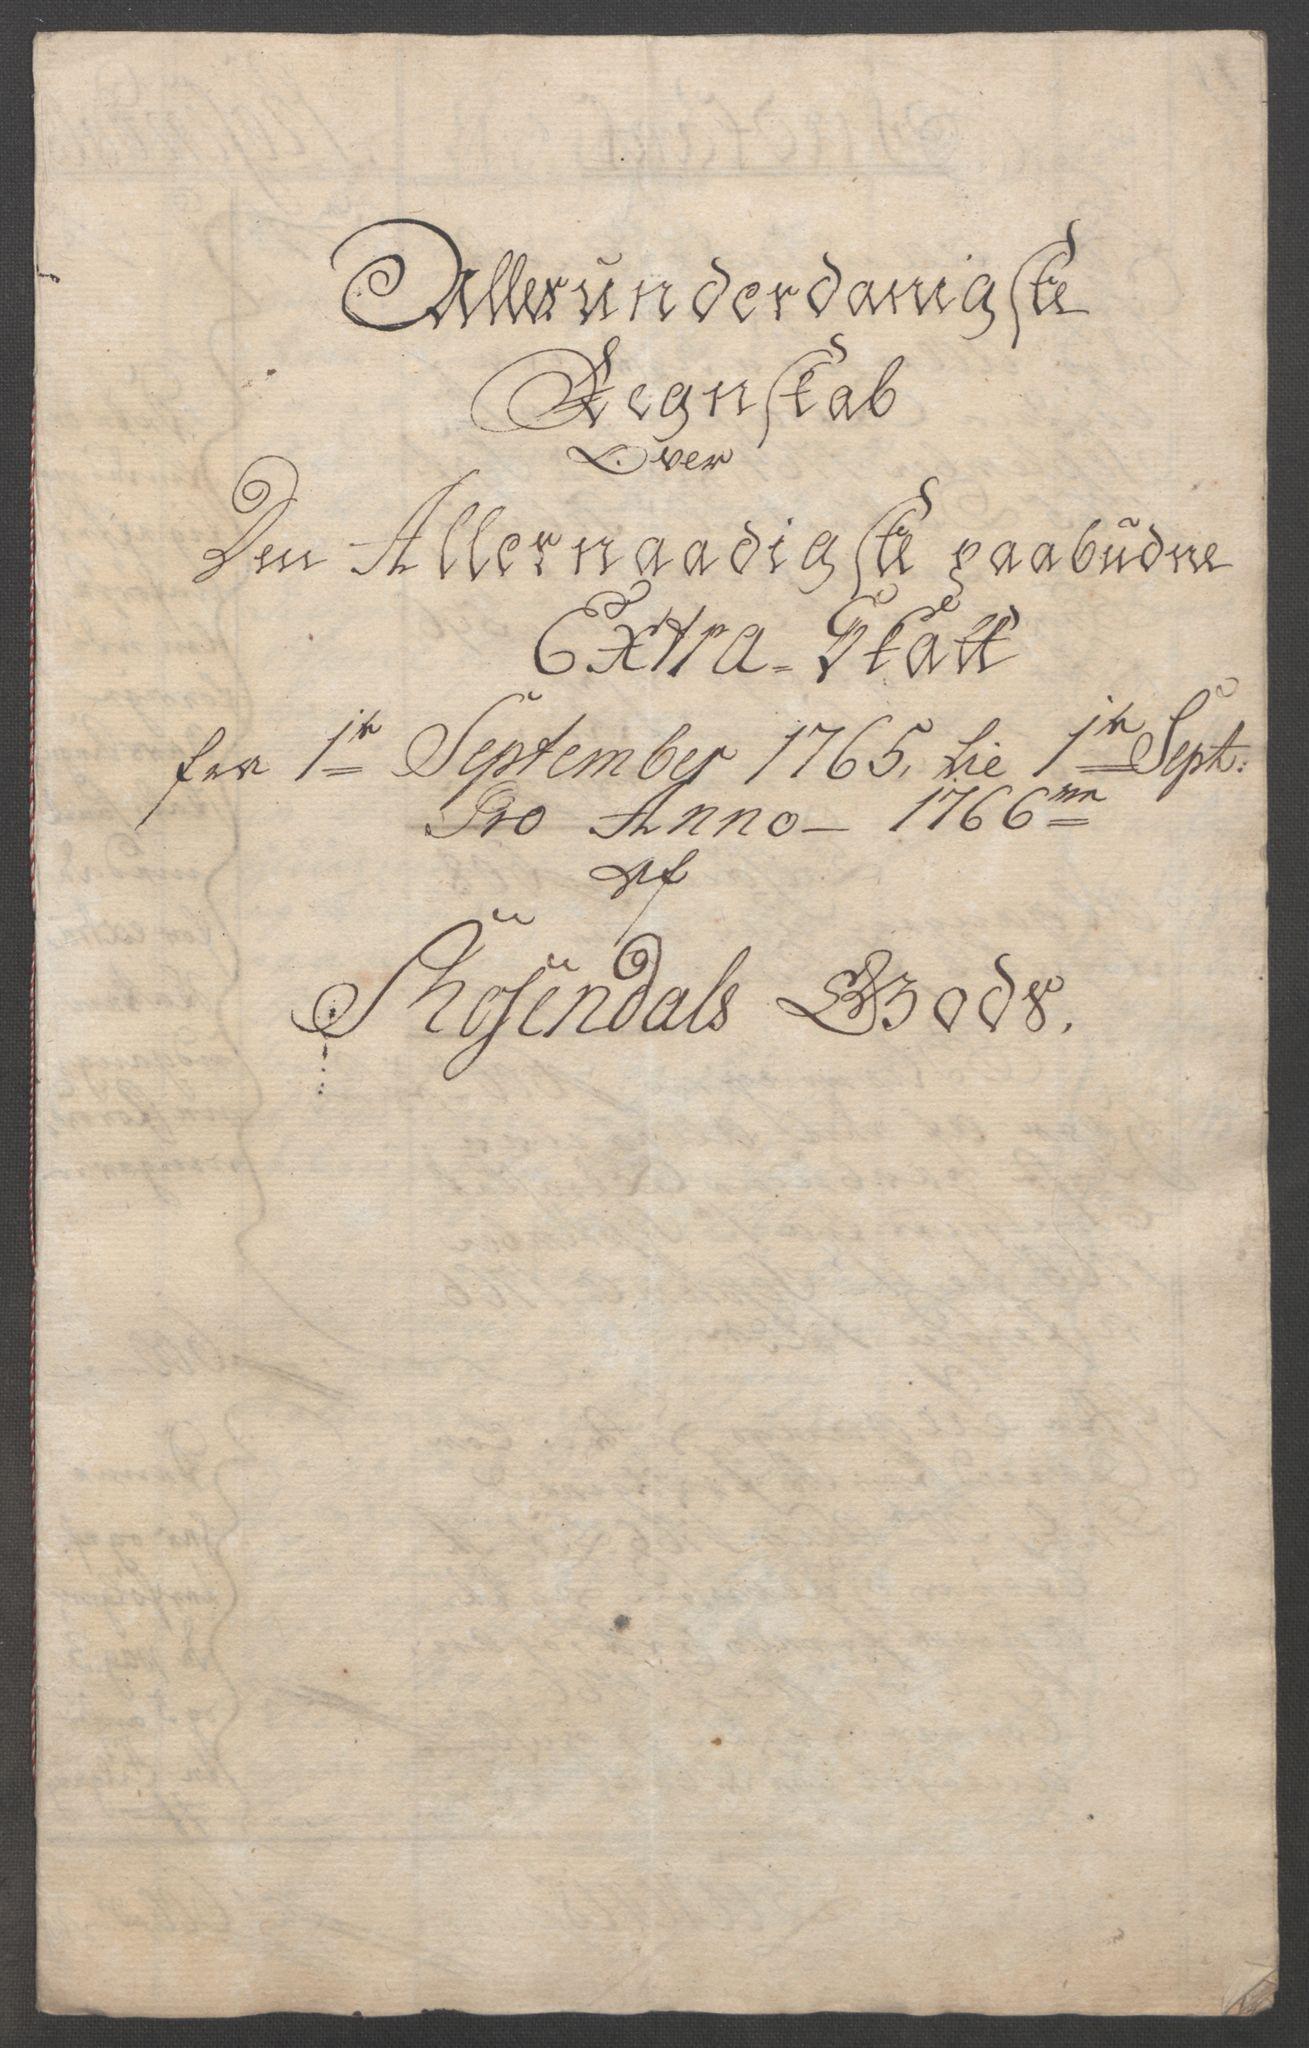 RA, Rentekammeret inntil 1814, Reviderte regnskaper, Fogderegnskap, R49/L3157: Ekstraskatten Rosendal Baroni, 1762-1772, s. 144